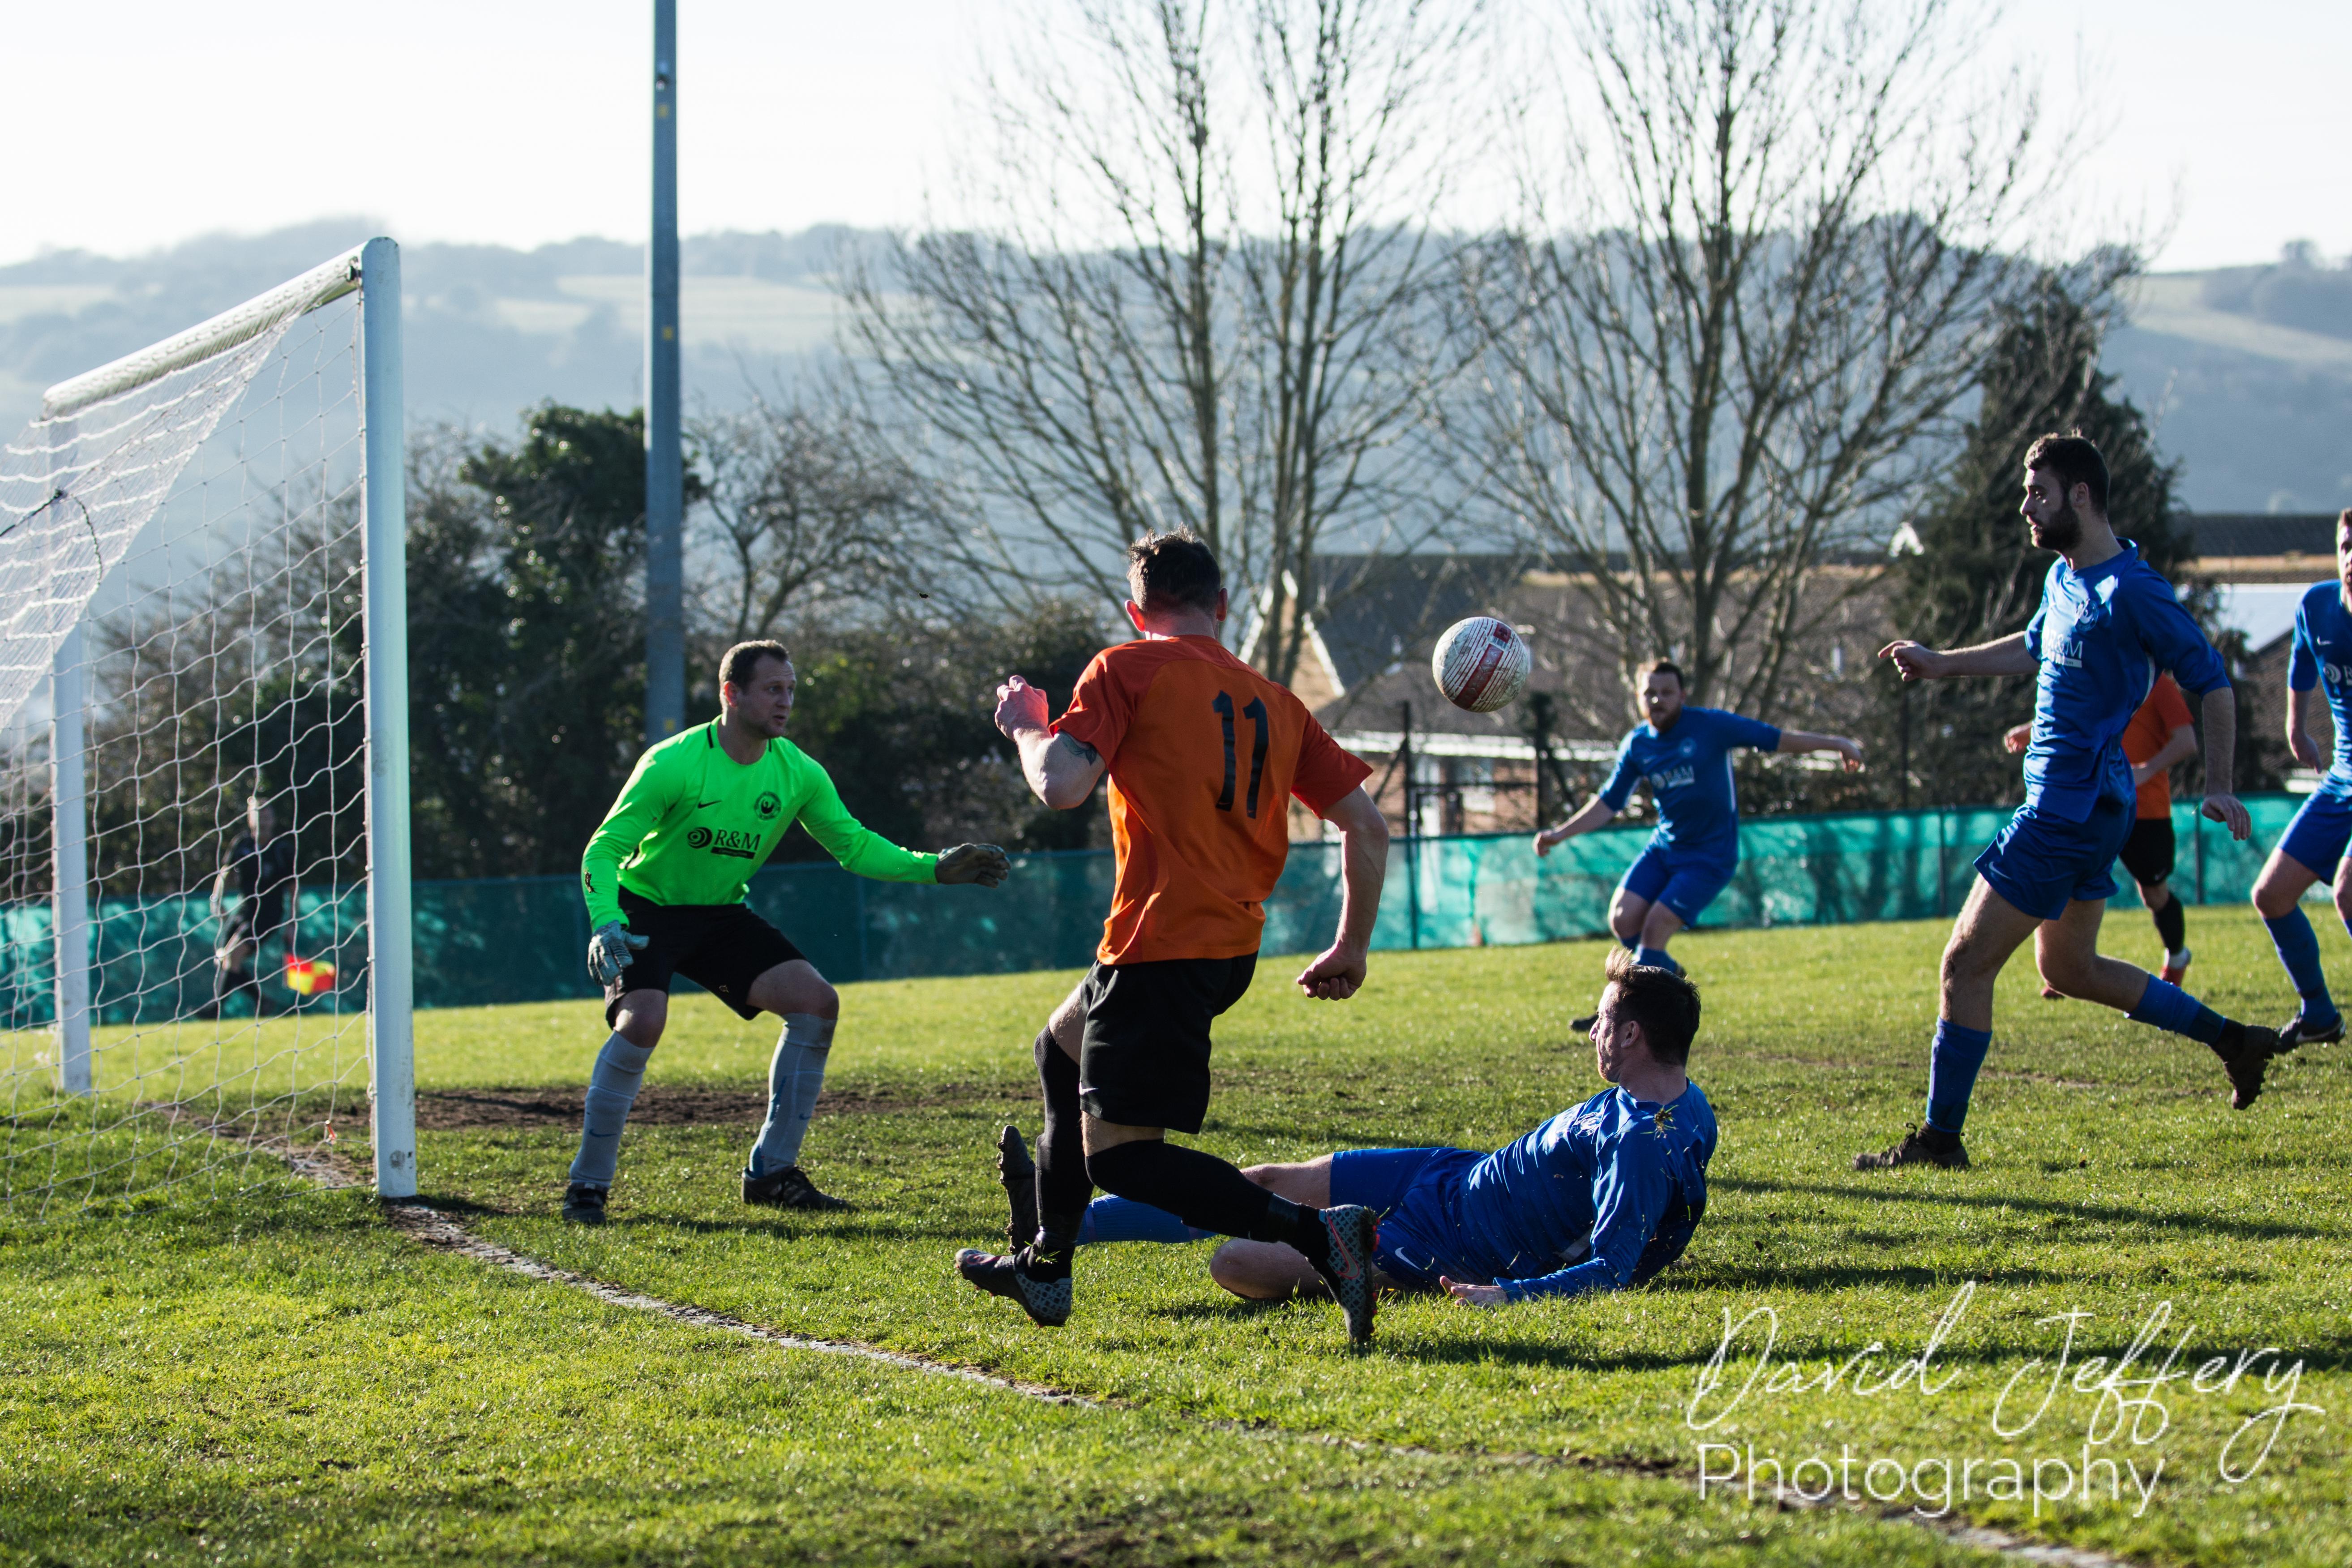 DAVID_JEFFERY MOFC vs Storrington 024